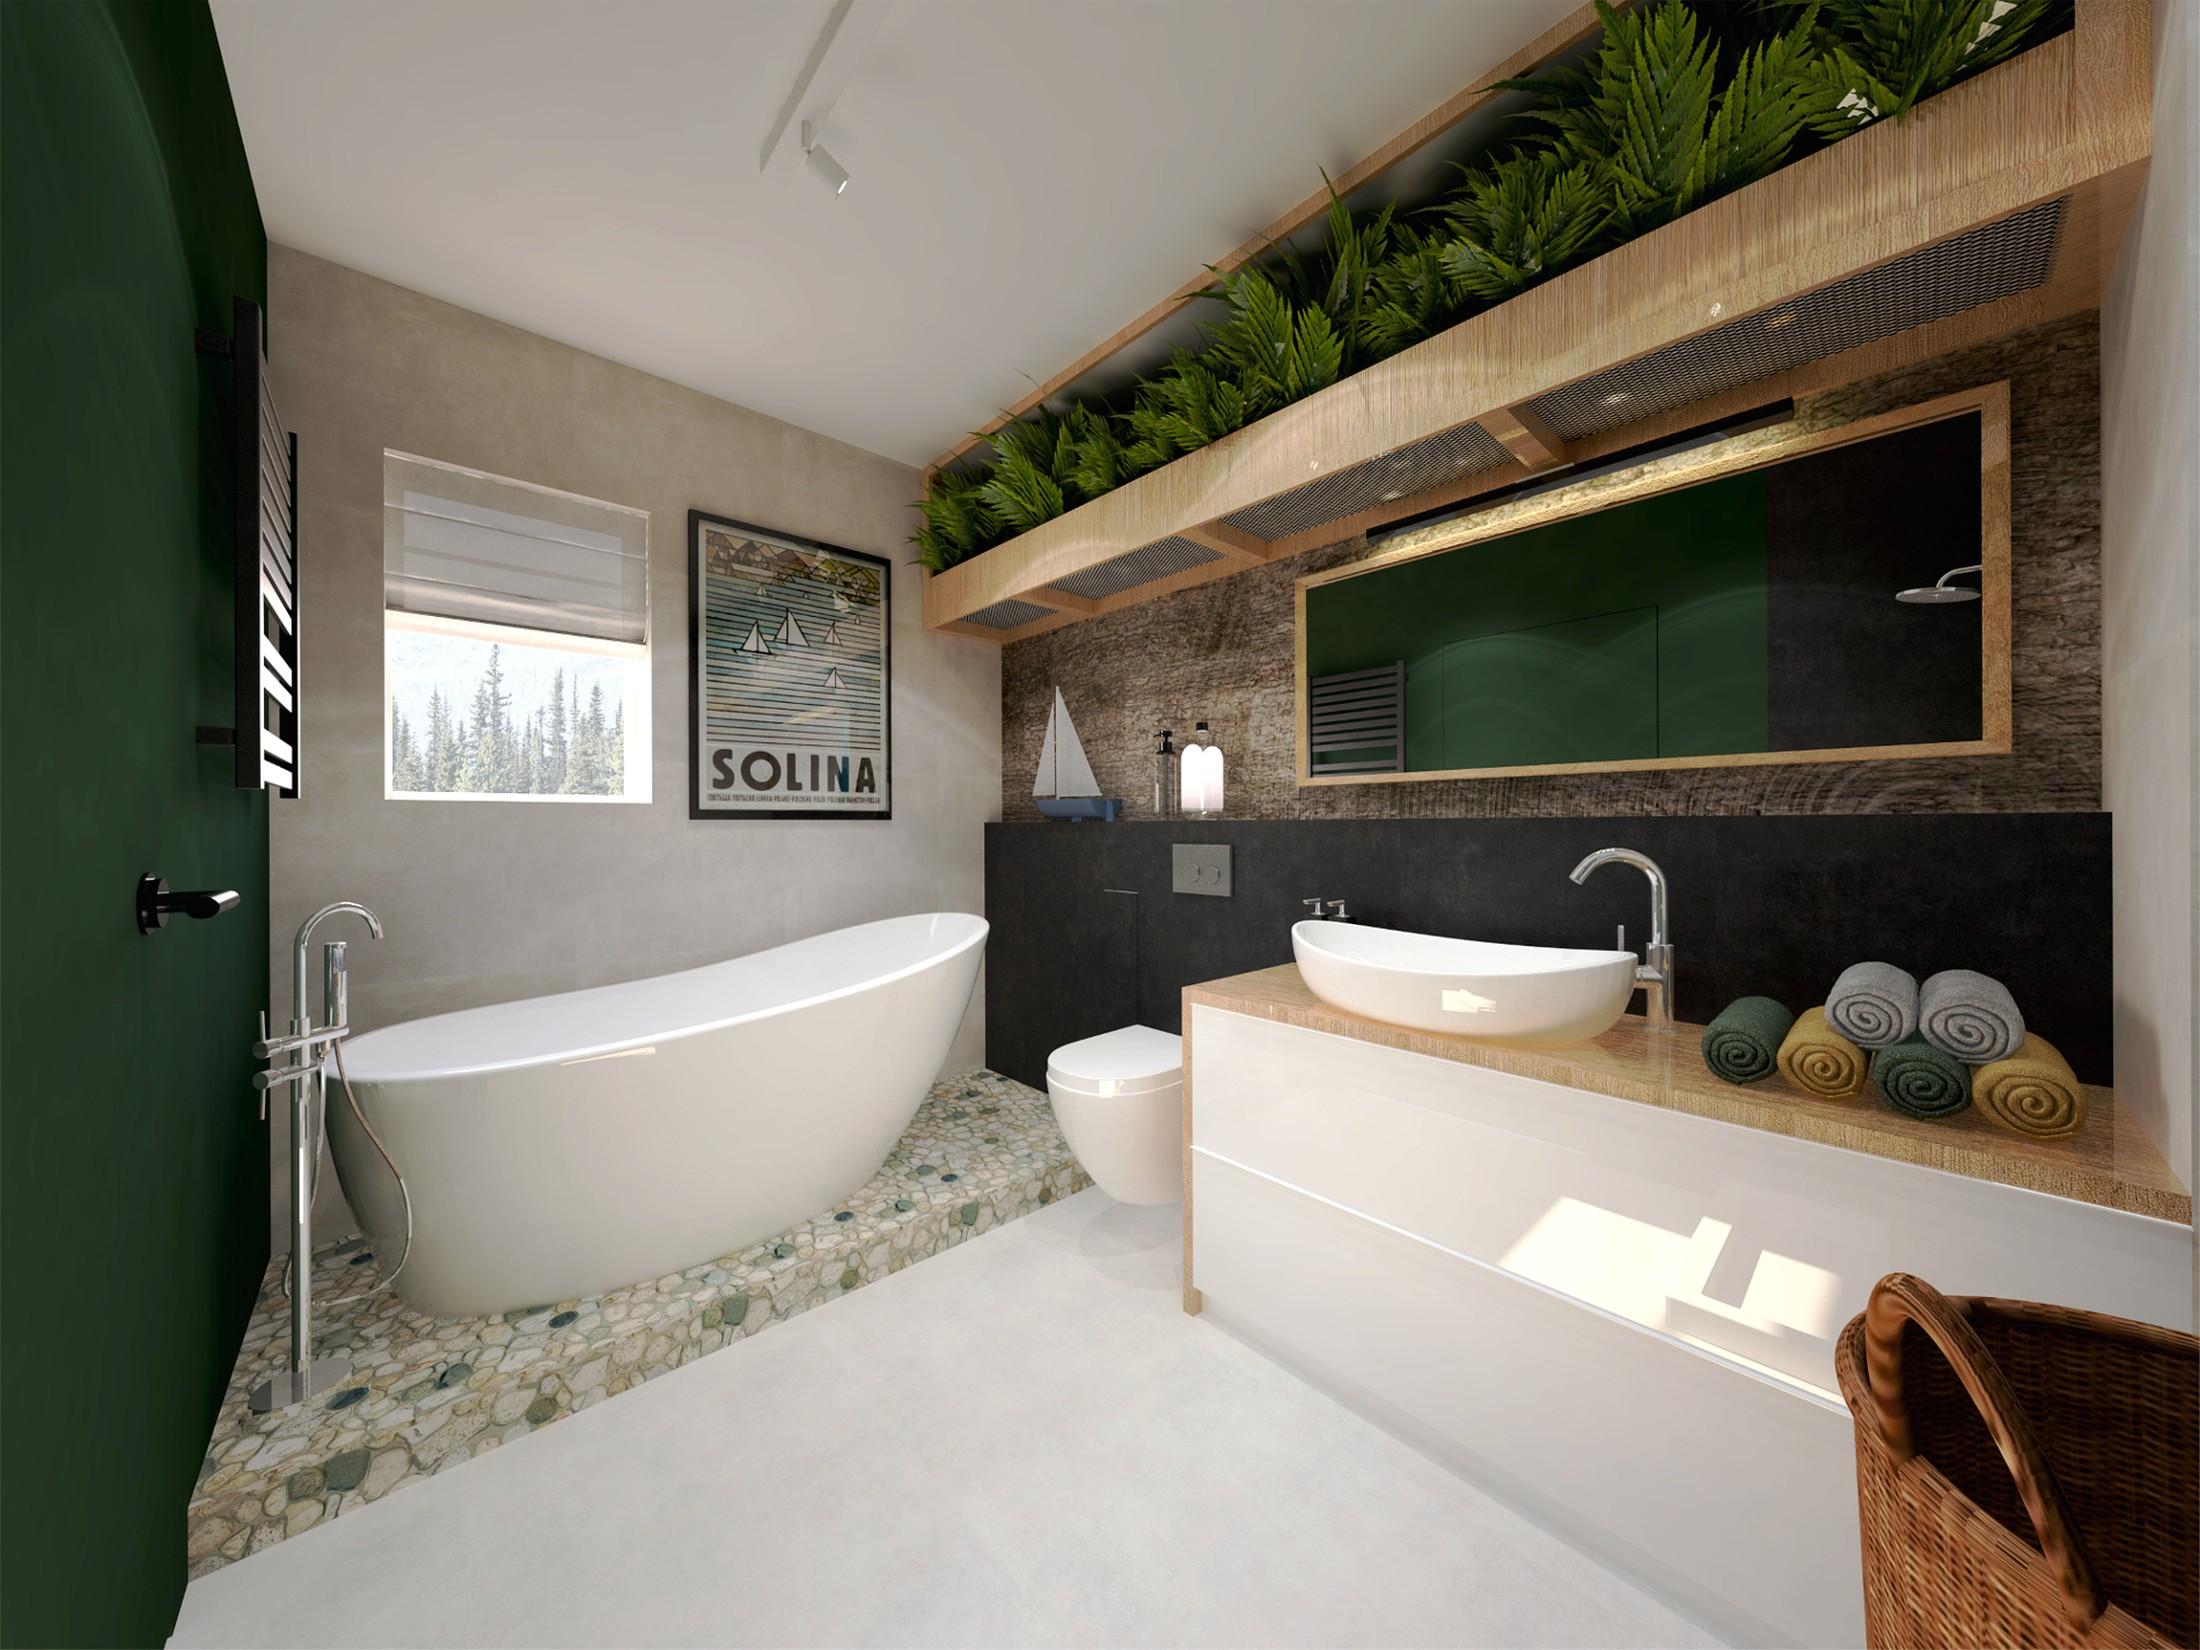 łazienka W Miejskiej Dżungli Wyróżniona W Konkursie Massi